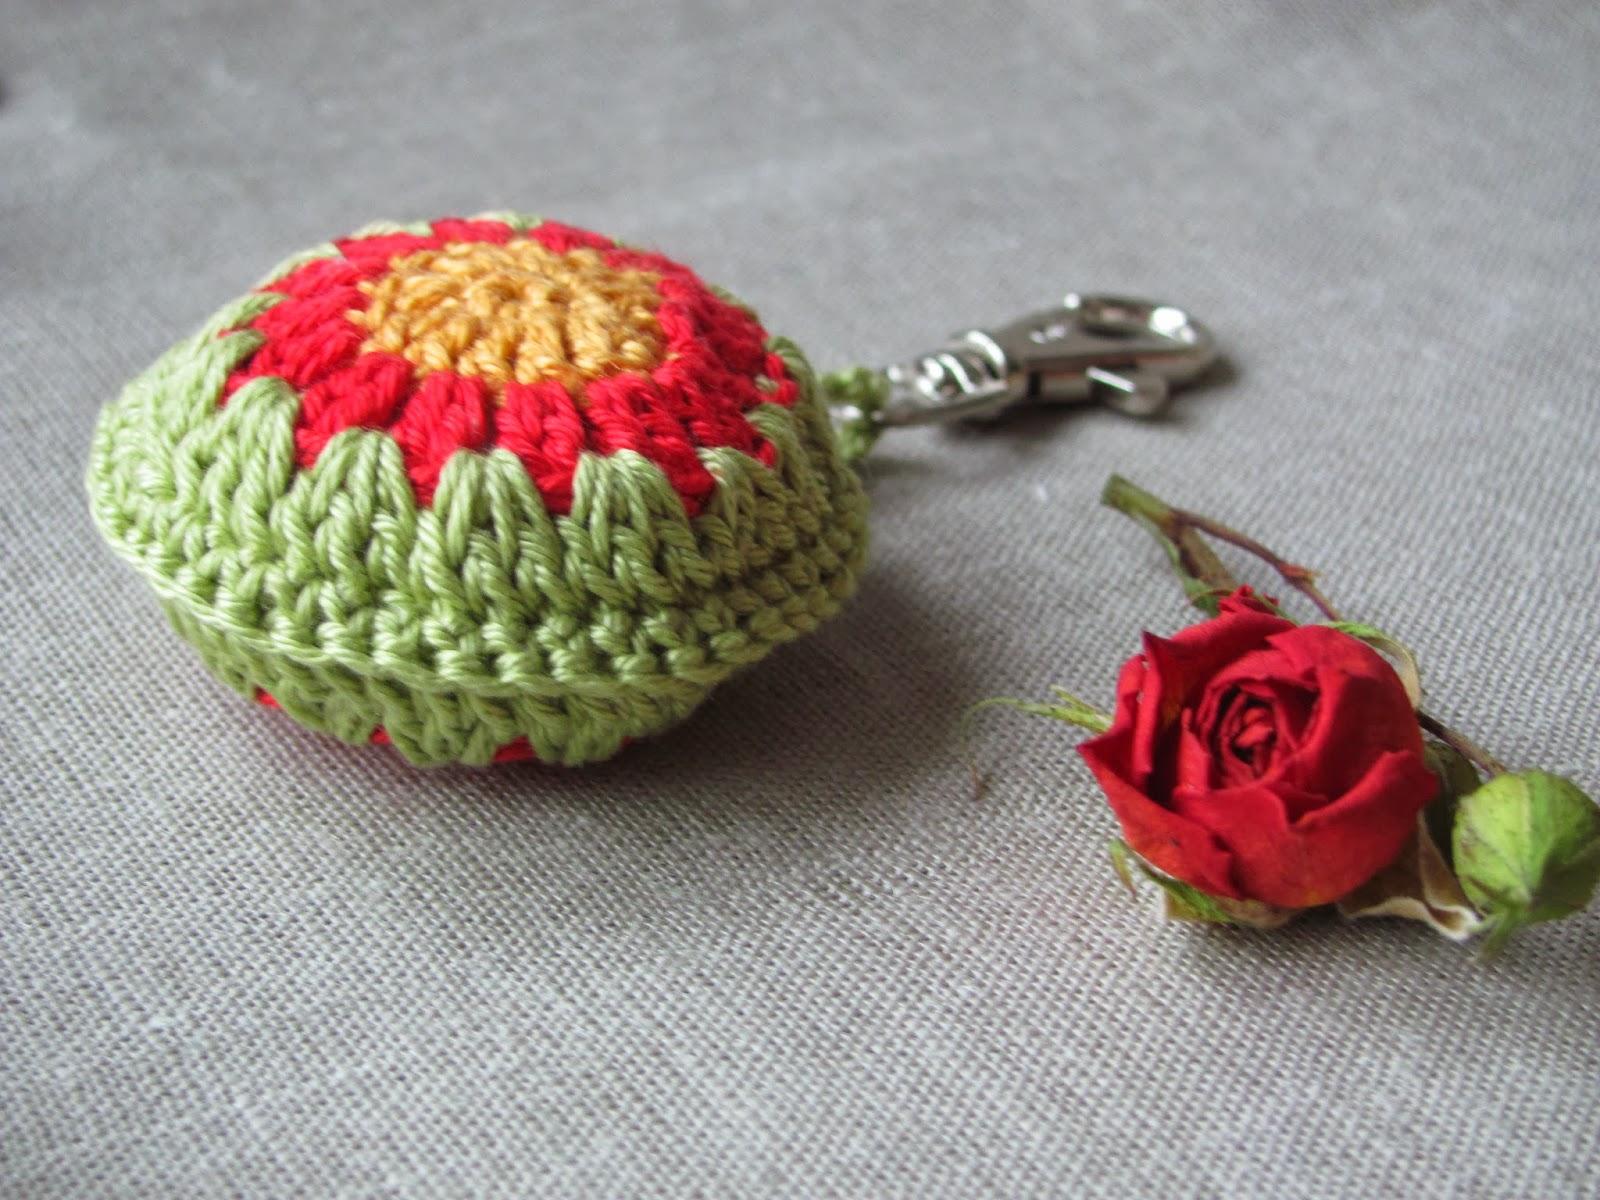 вязаные мелочи, брелки крючком, брелок на сумку, подвеска на сумка, недорогой подарок, подарок сувенир, подвеска для ключей, брелок, брелоки, брелок для ключей. брелок крючком, оригинальный брелок.